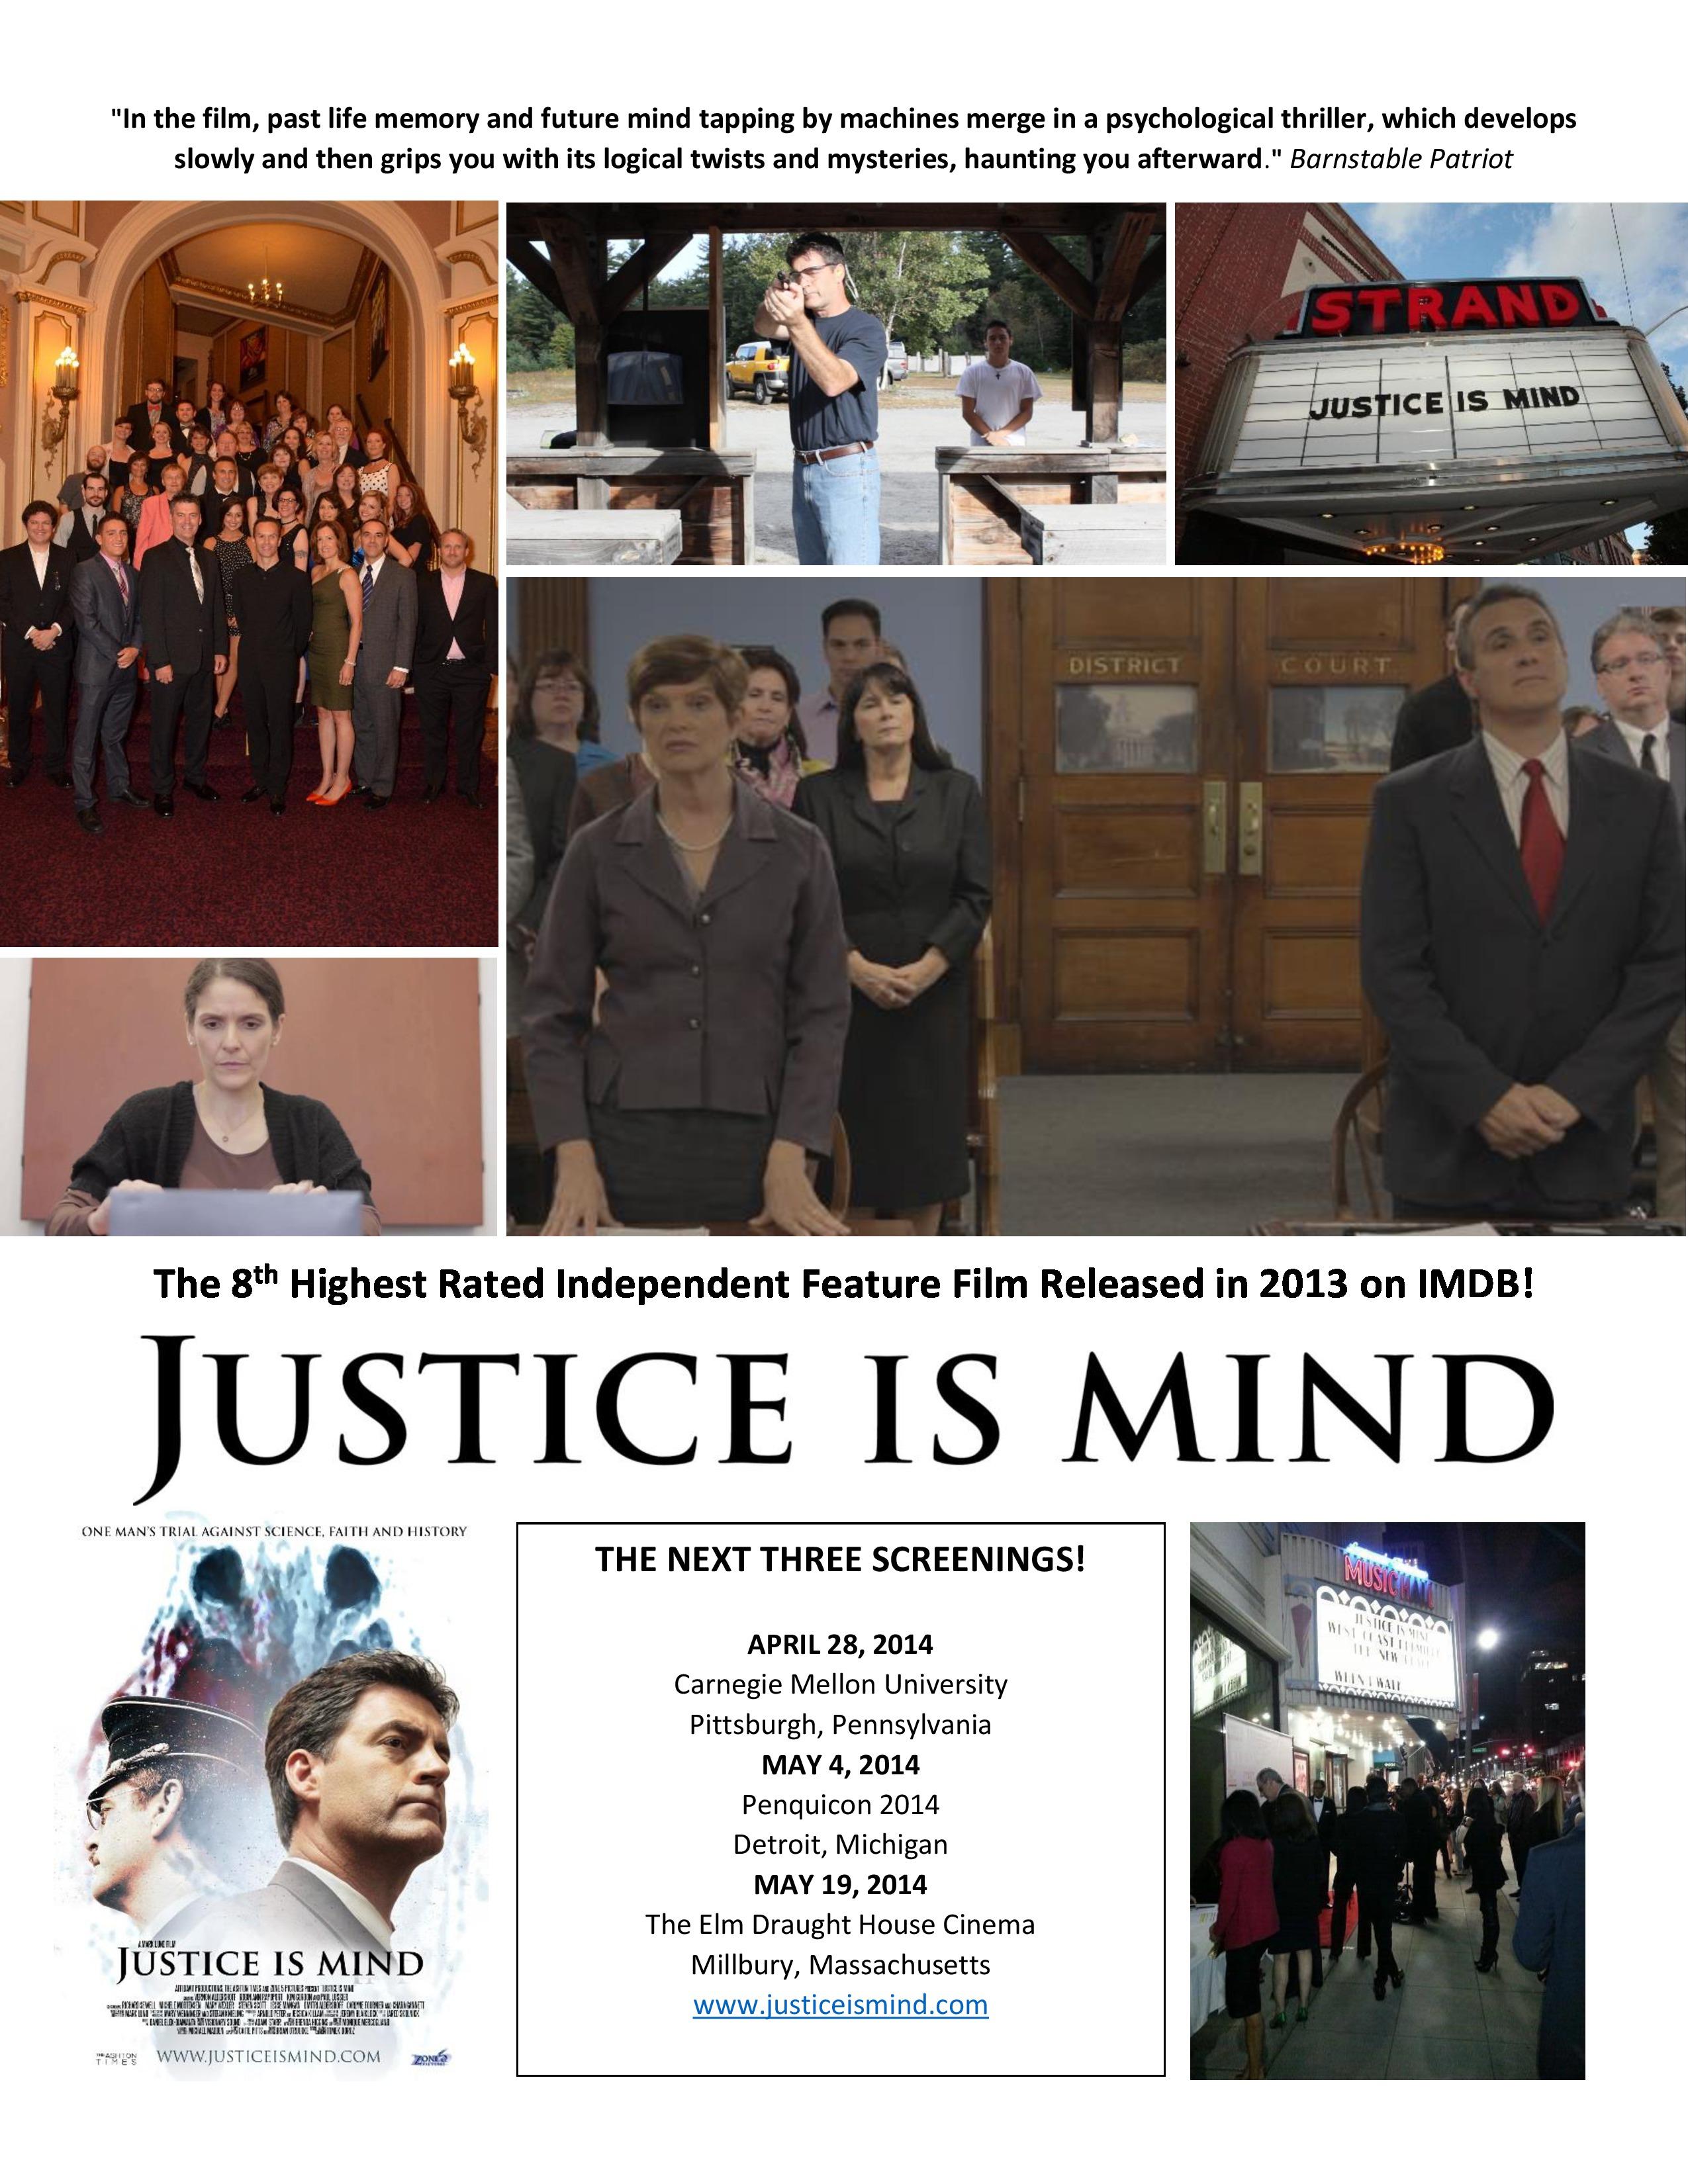 Justice Upcoming Screenings